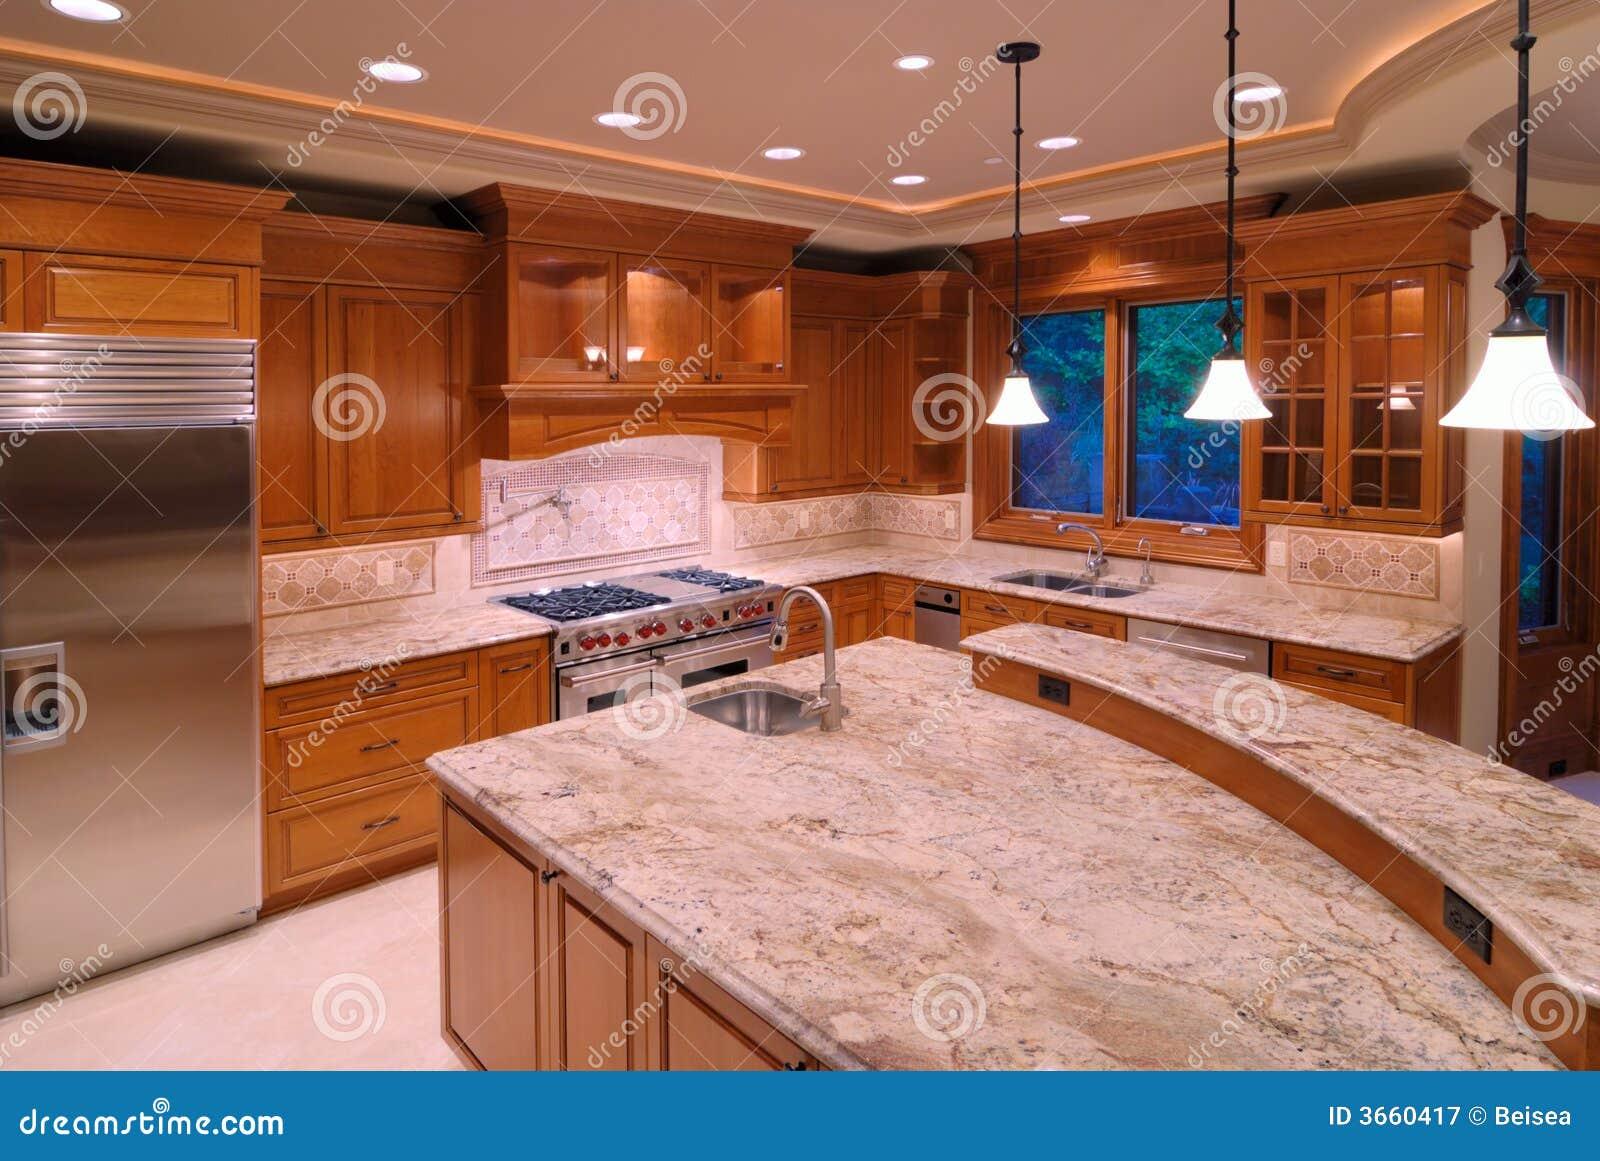 Faszinierend Amerikanische Küchen Referenz Von Pattern Küchen Stockbild. Bild Von , Groß,